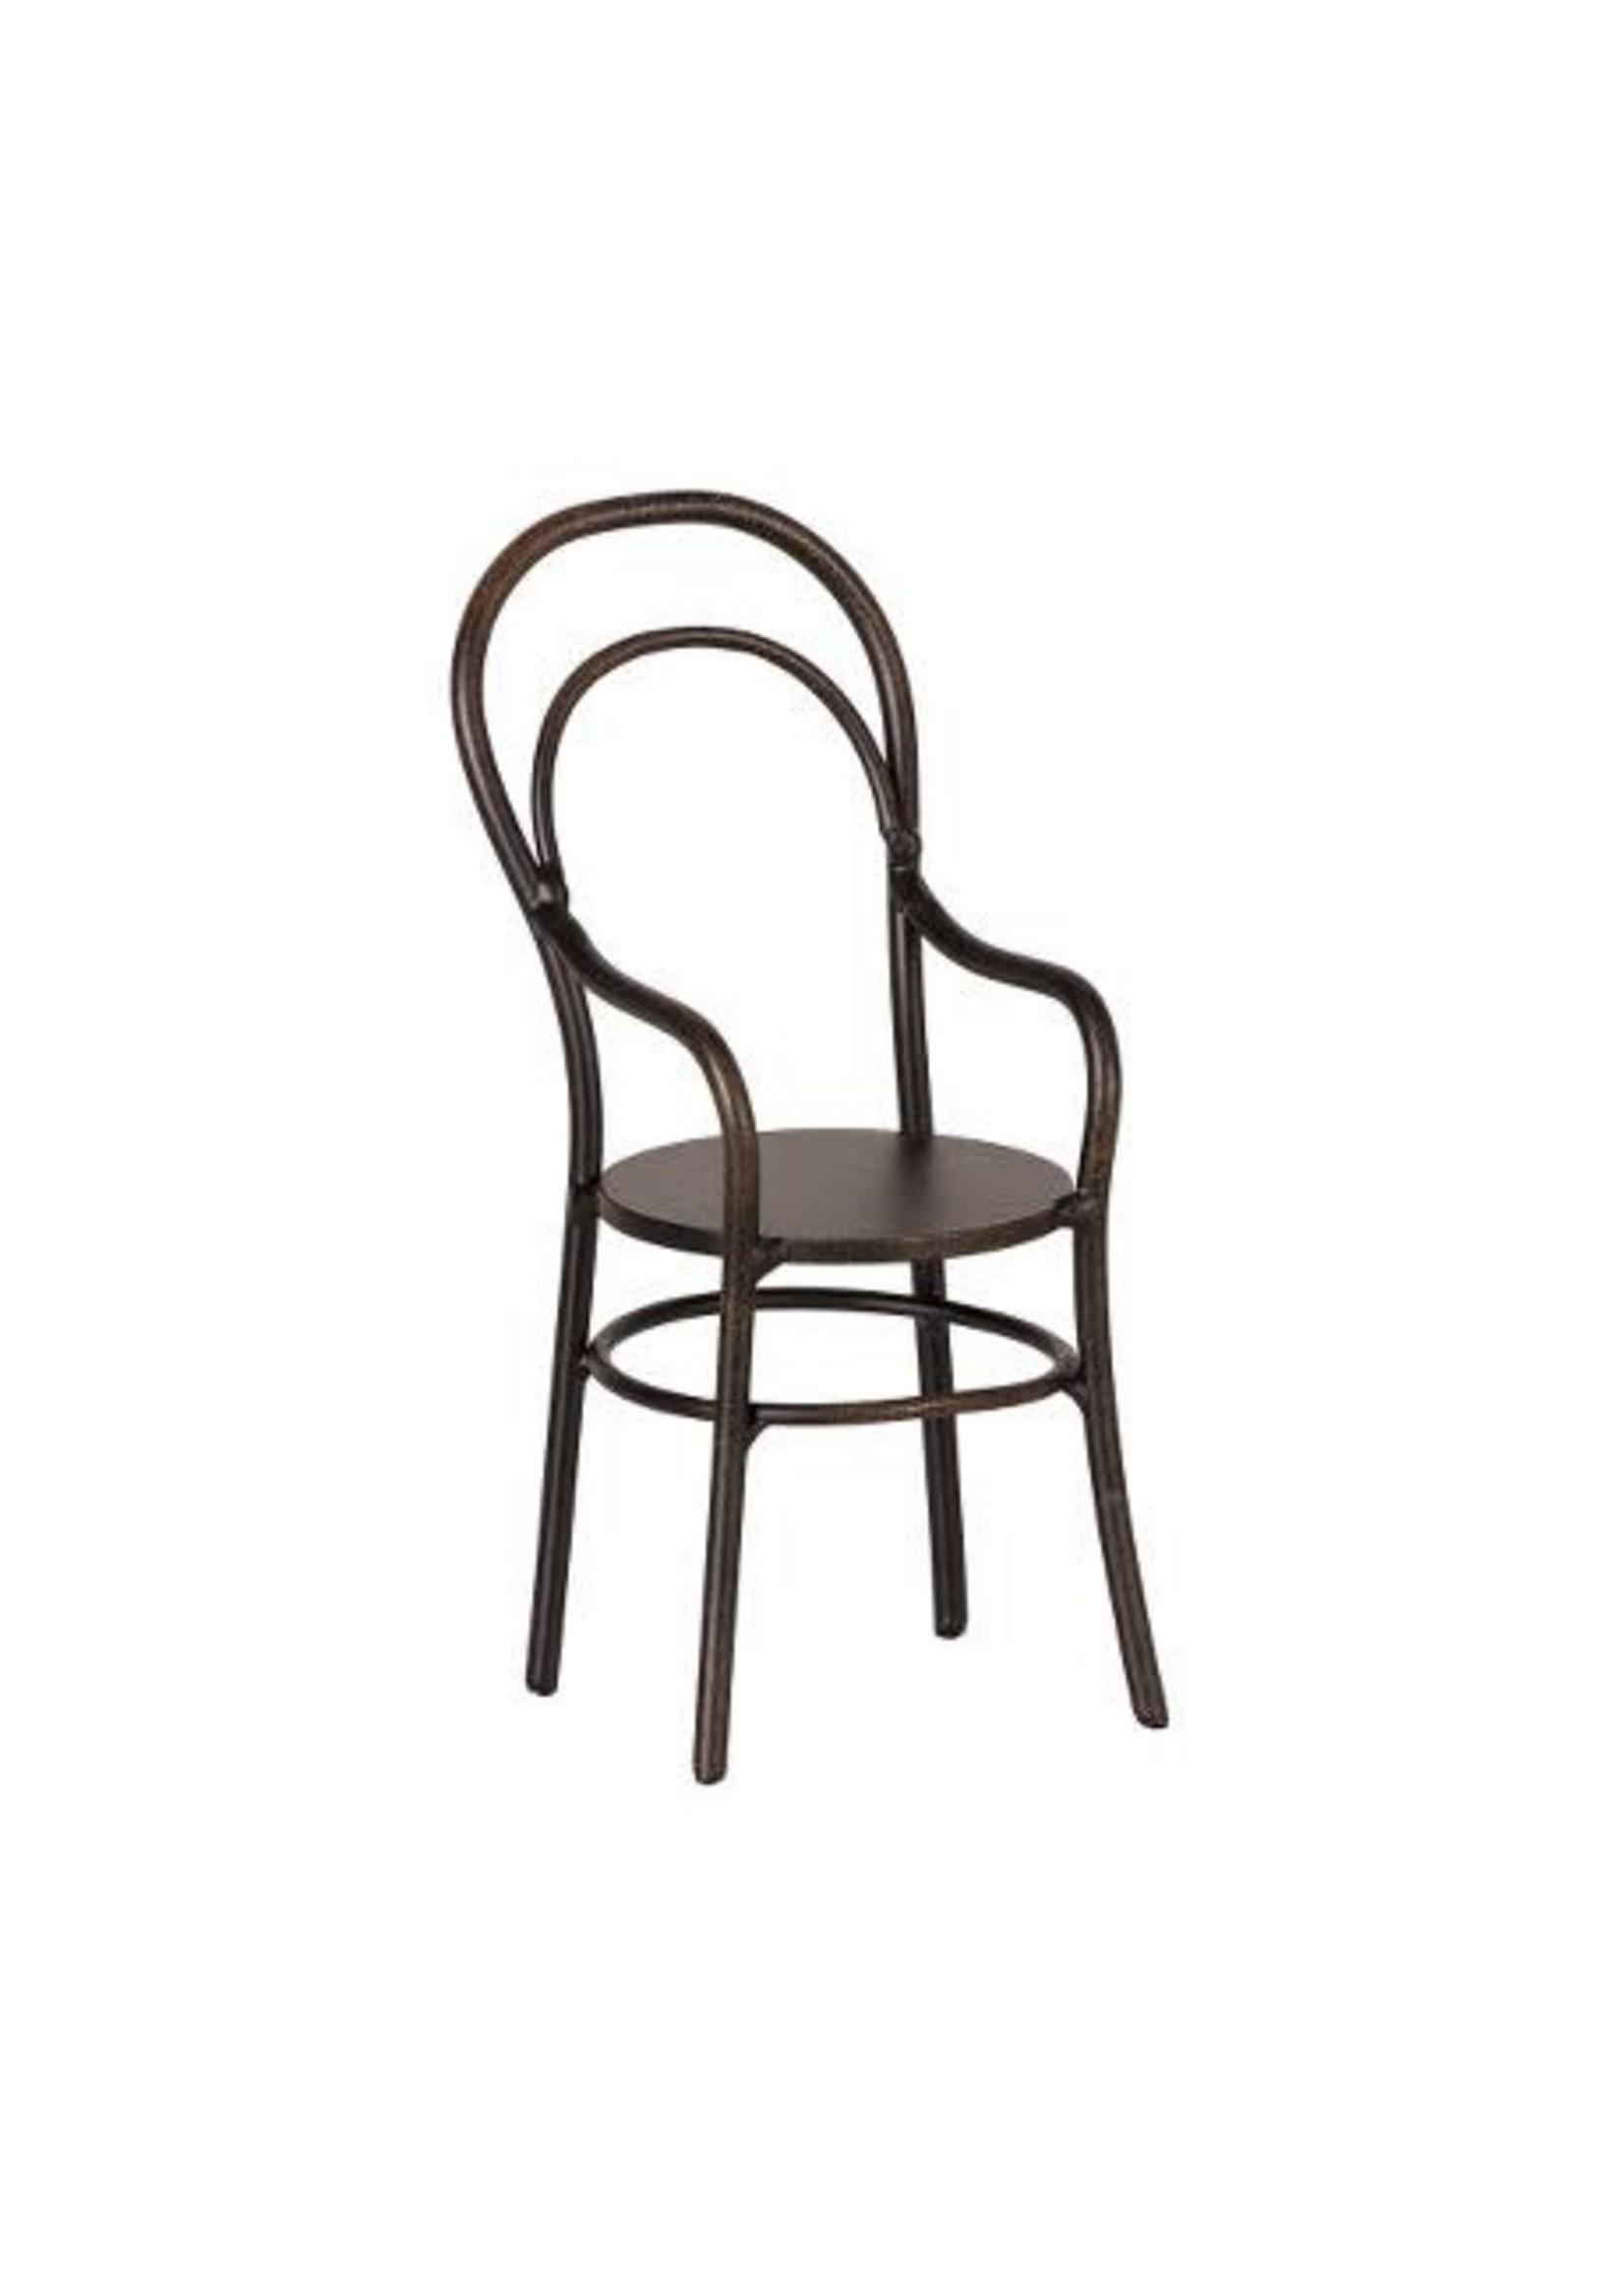 Maileg Chair with Armrest - Mini